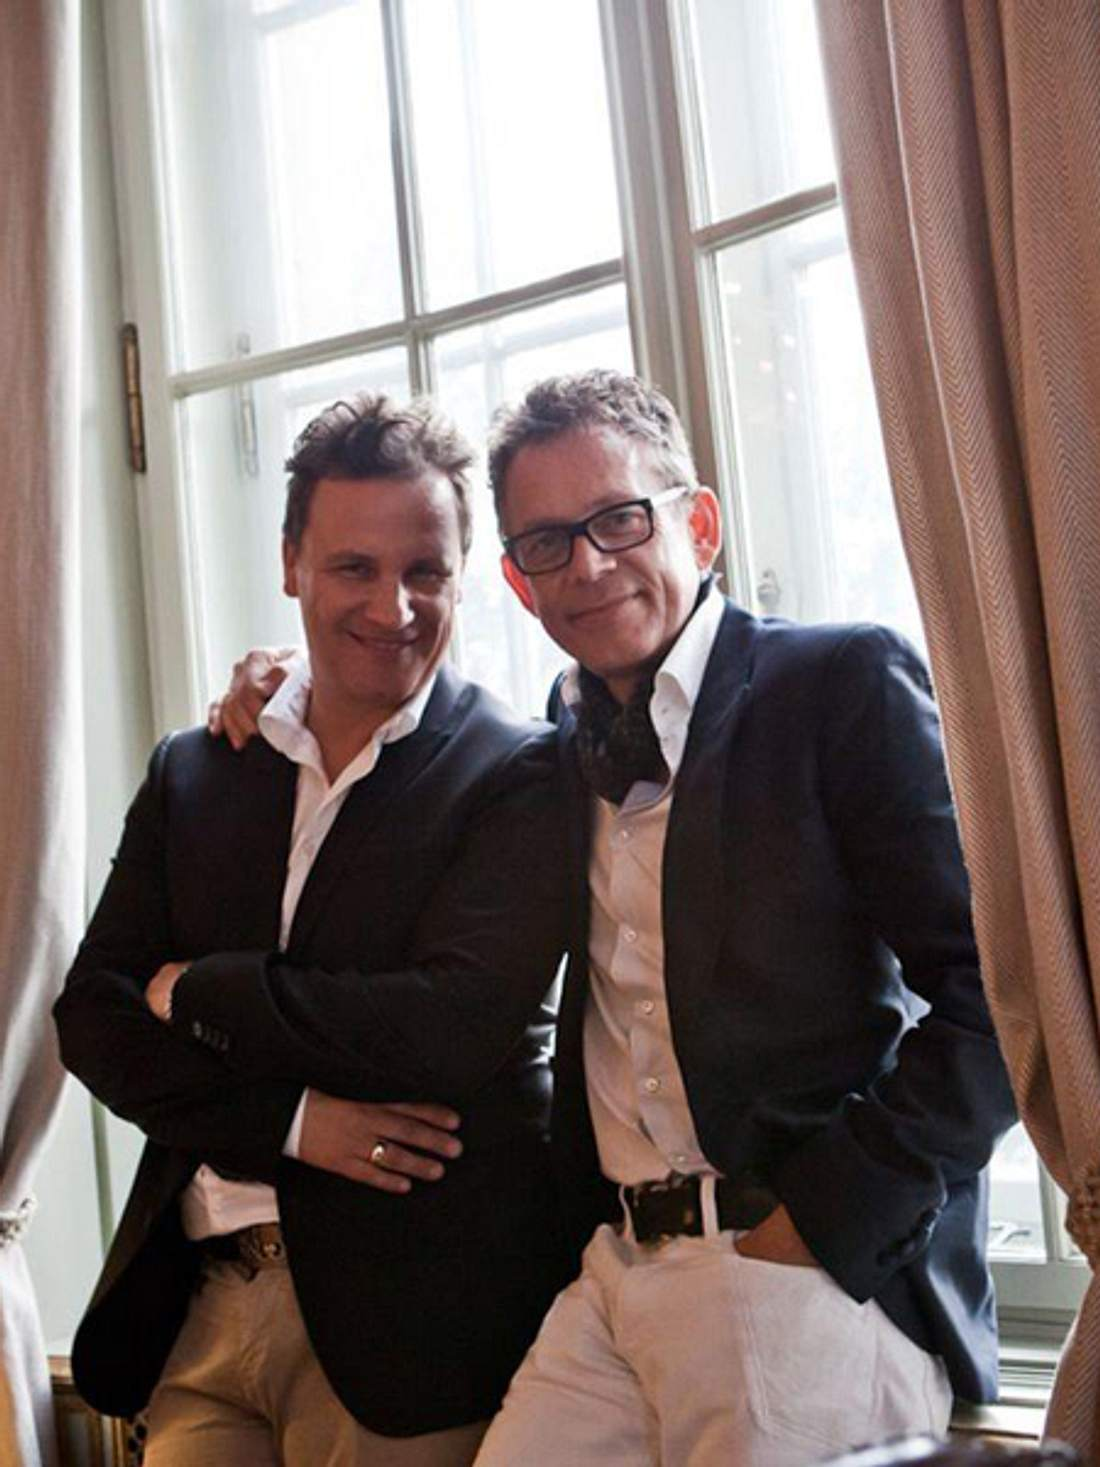 Hübsch, hübsch: Guido Maria Kretschmer und Ehemann Frank posieren für ihr Hochzeitsfoto